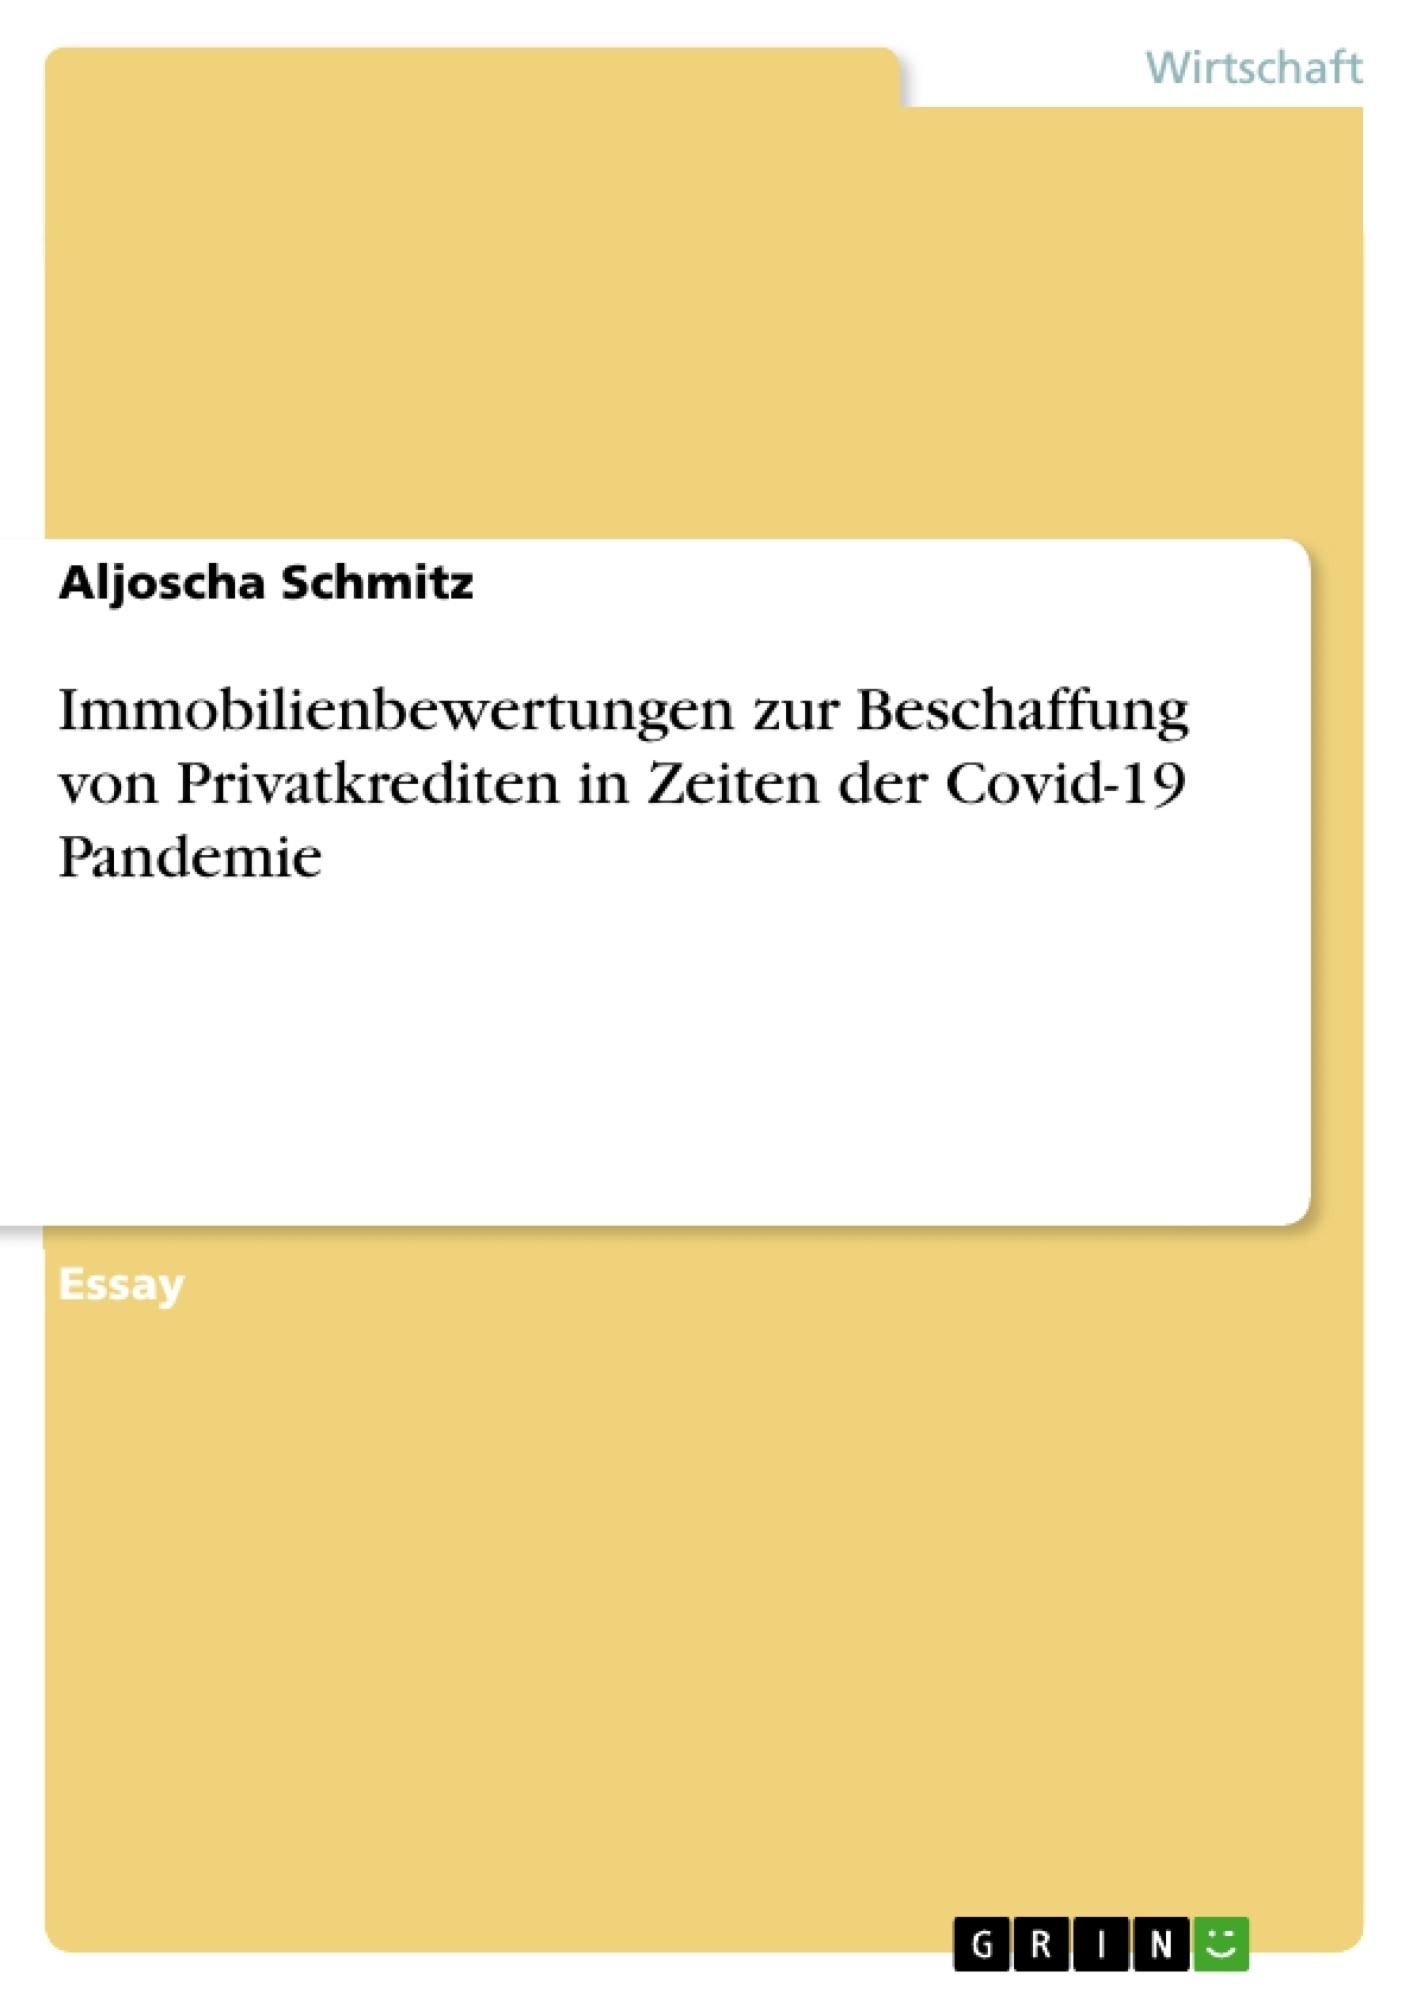 Titel: Immobilienbewertungen zur Beschaffung von Privatkrediten in Zeiten der Covid-19 Pandemie